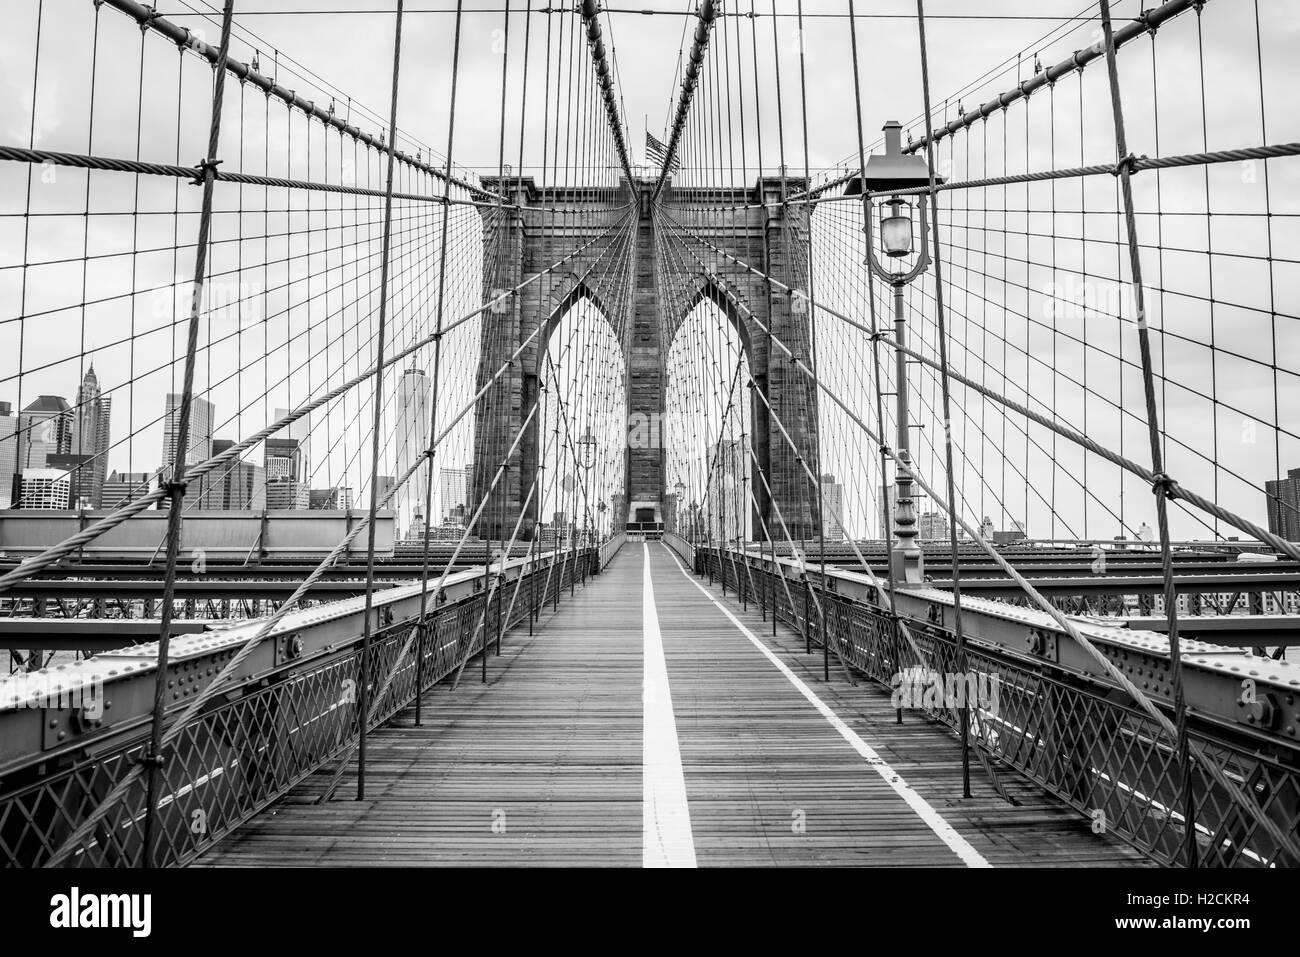 Manhattan Bridge, New York. Schwarze und weiße Architektur und Fotografie. Reise Fotografie Stockbild